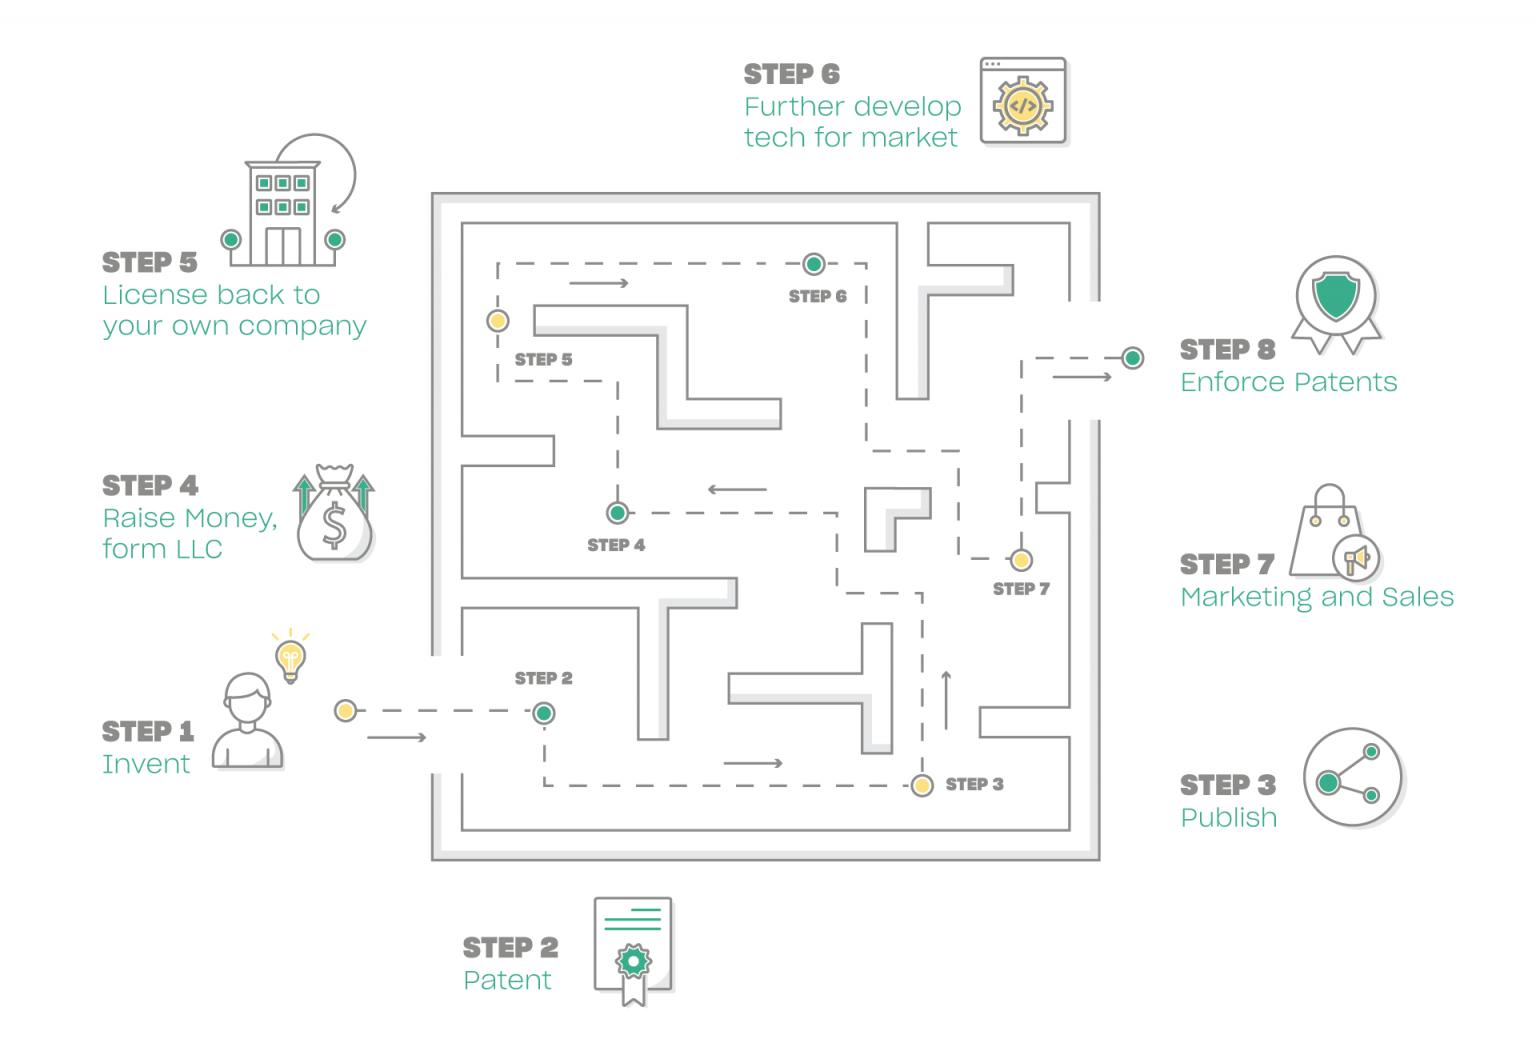 maze-infographic-1-1536x1047